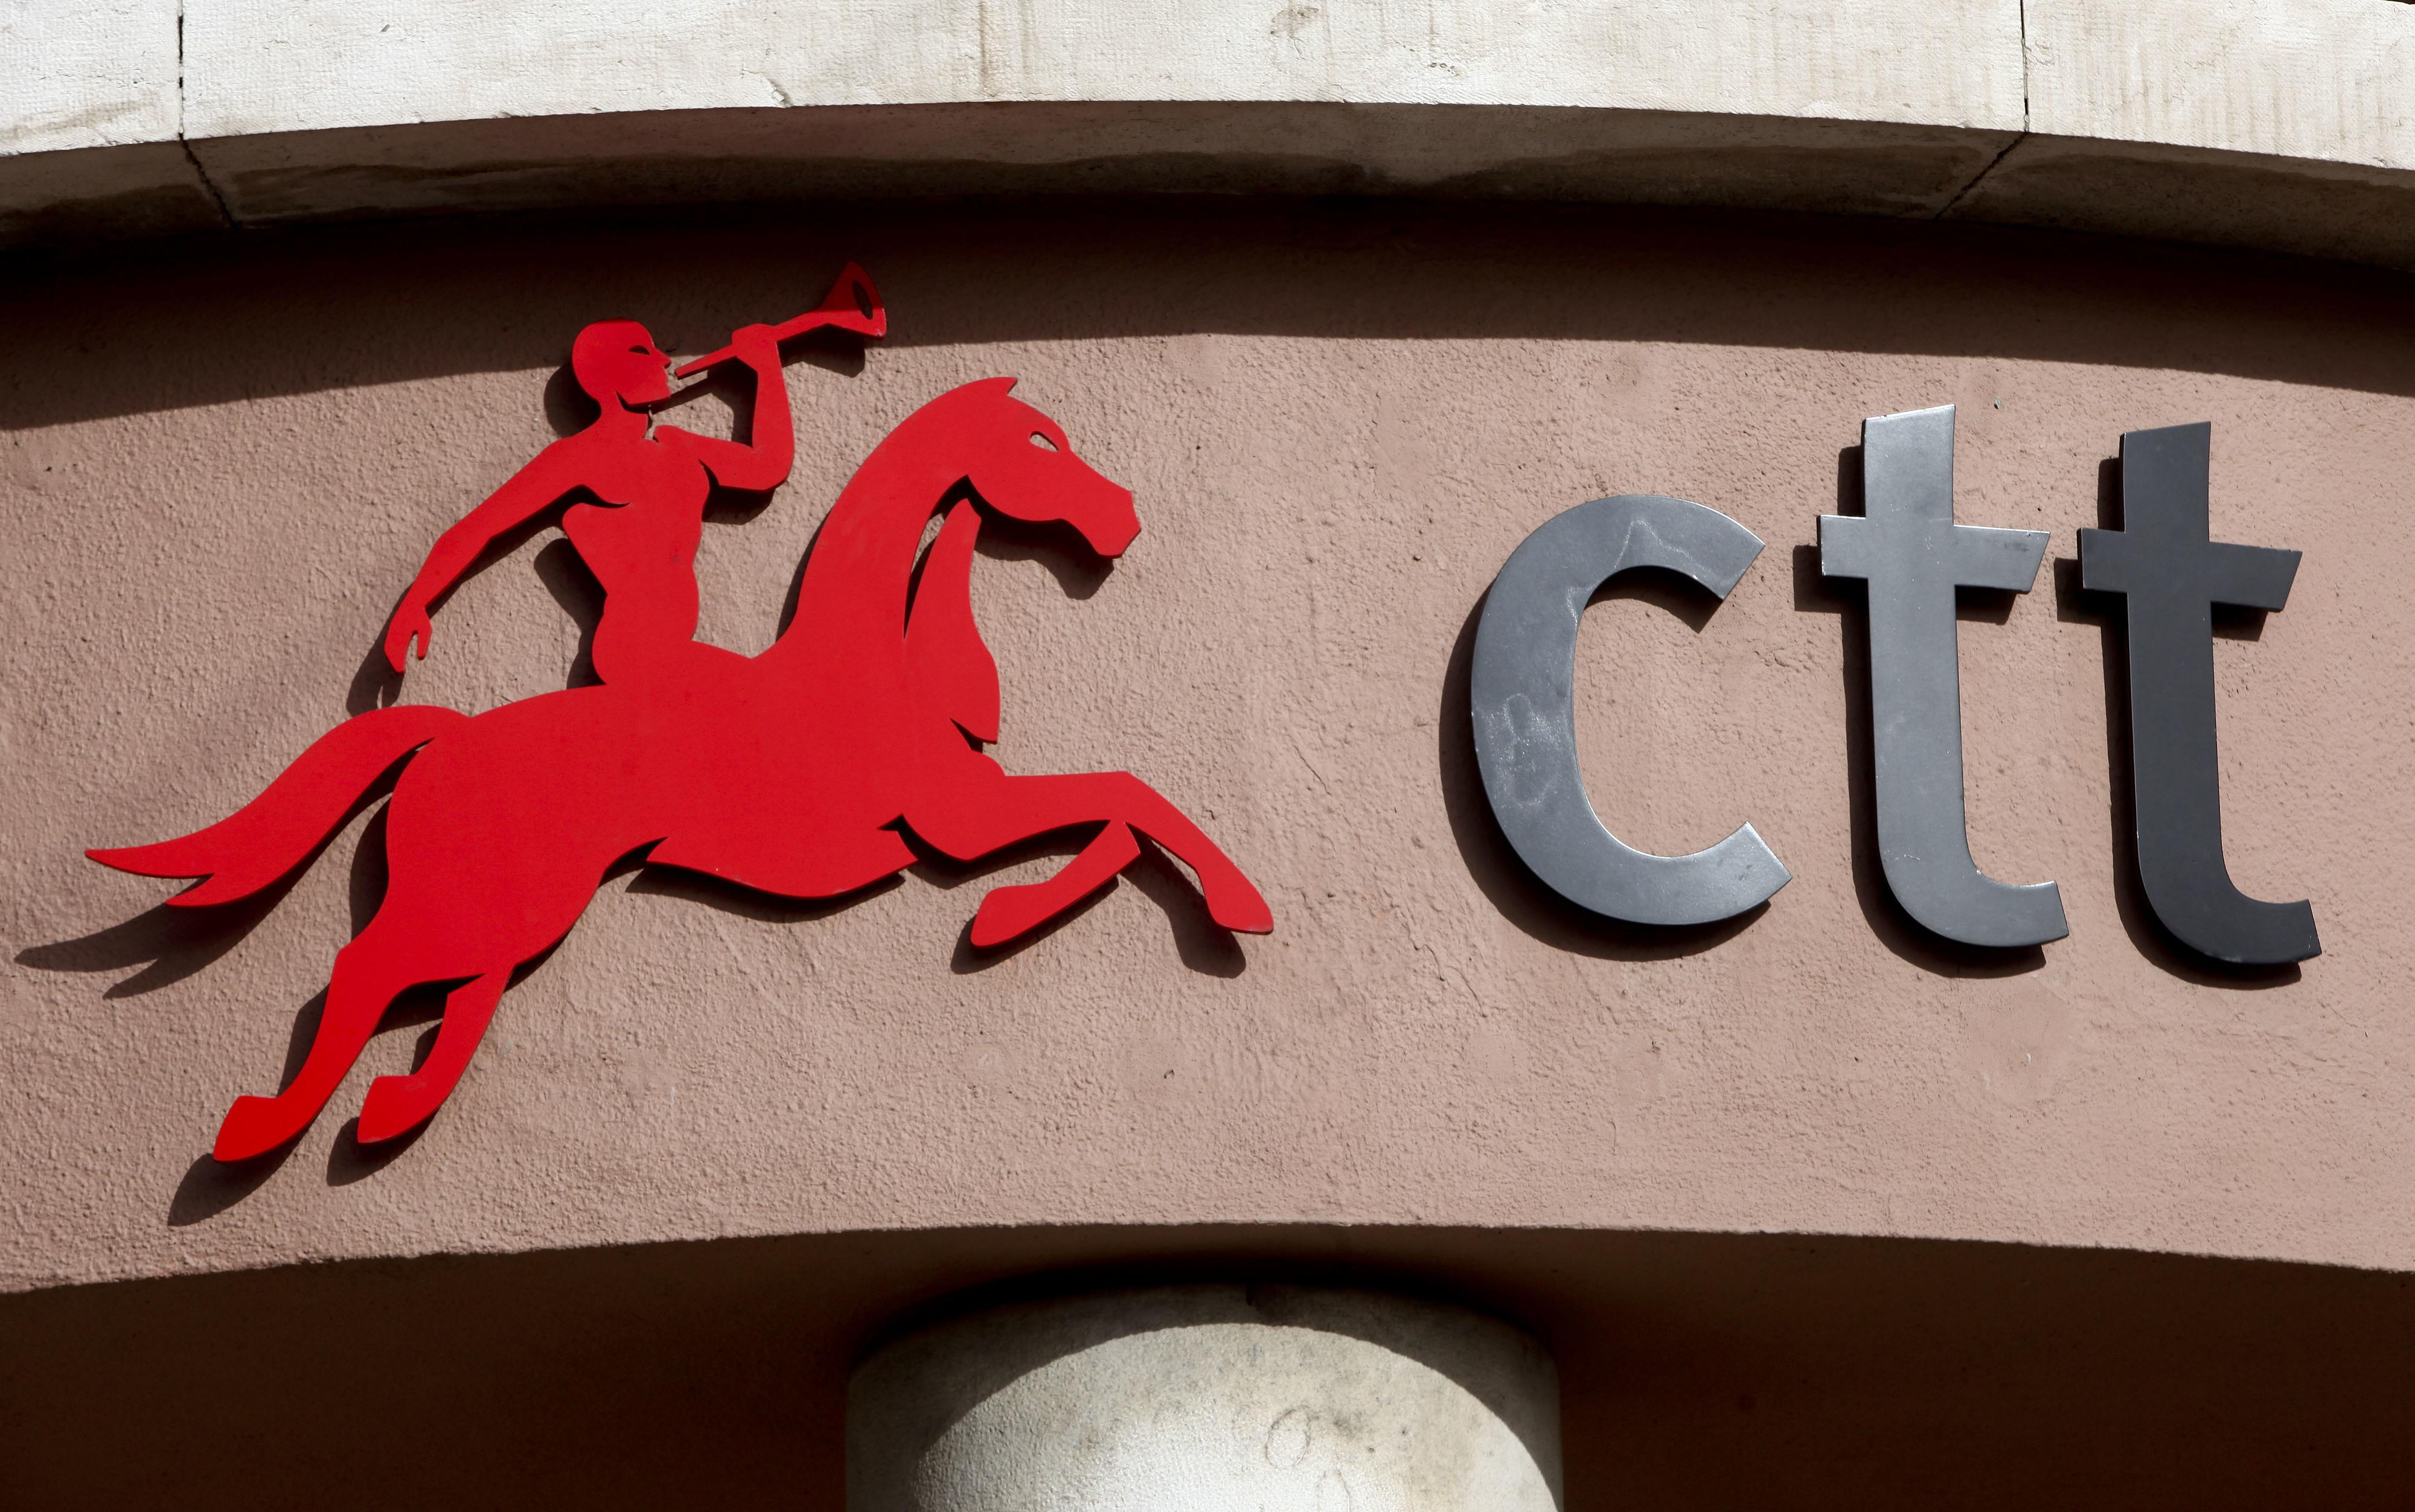 Tempo de espera nos CTT é principal causa de insatisfação dos clientes, segundo a Deco